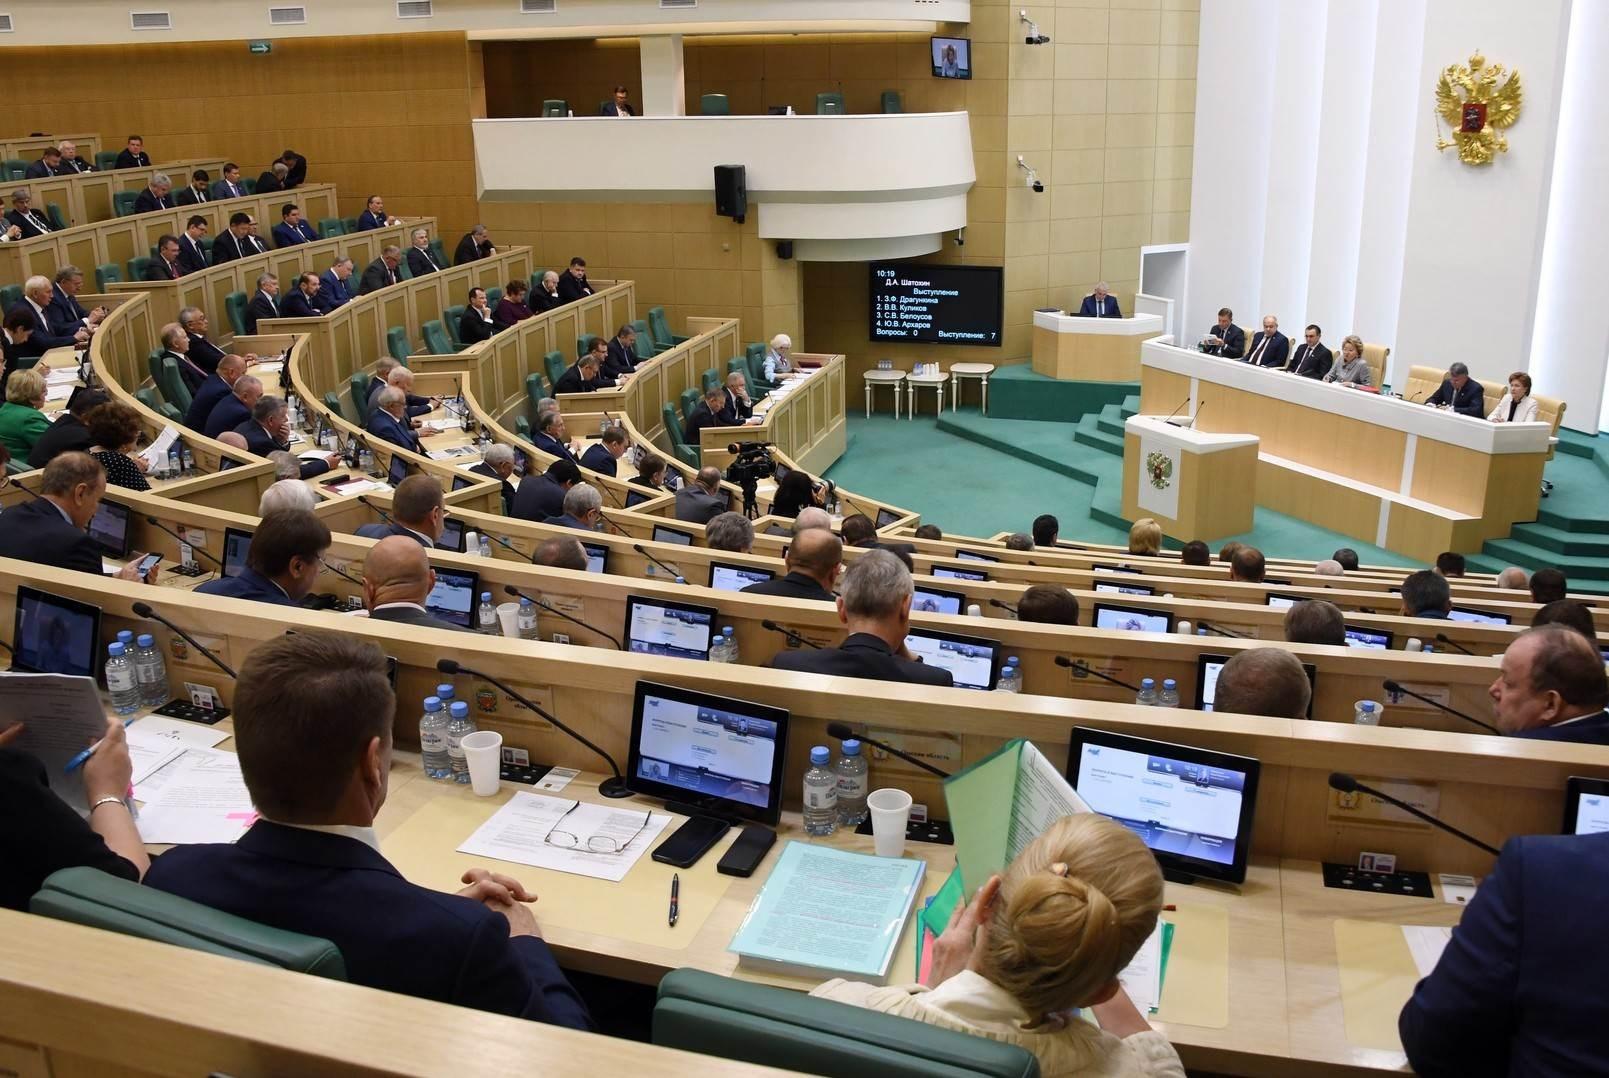 مجلس الاتحاد الروسي: أميركا تستفز إيران للخروج من الاتفاق النووي